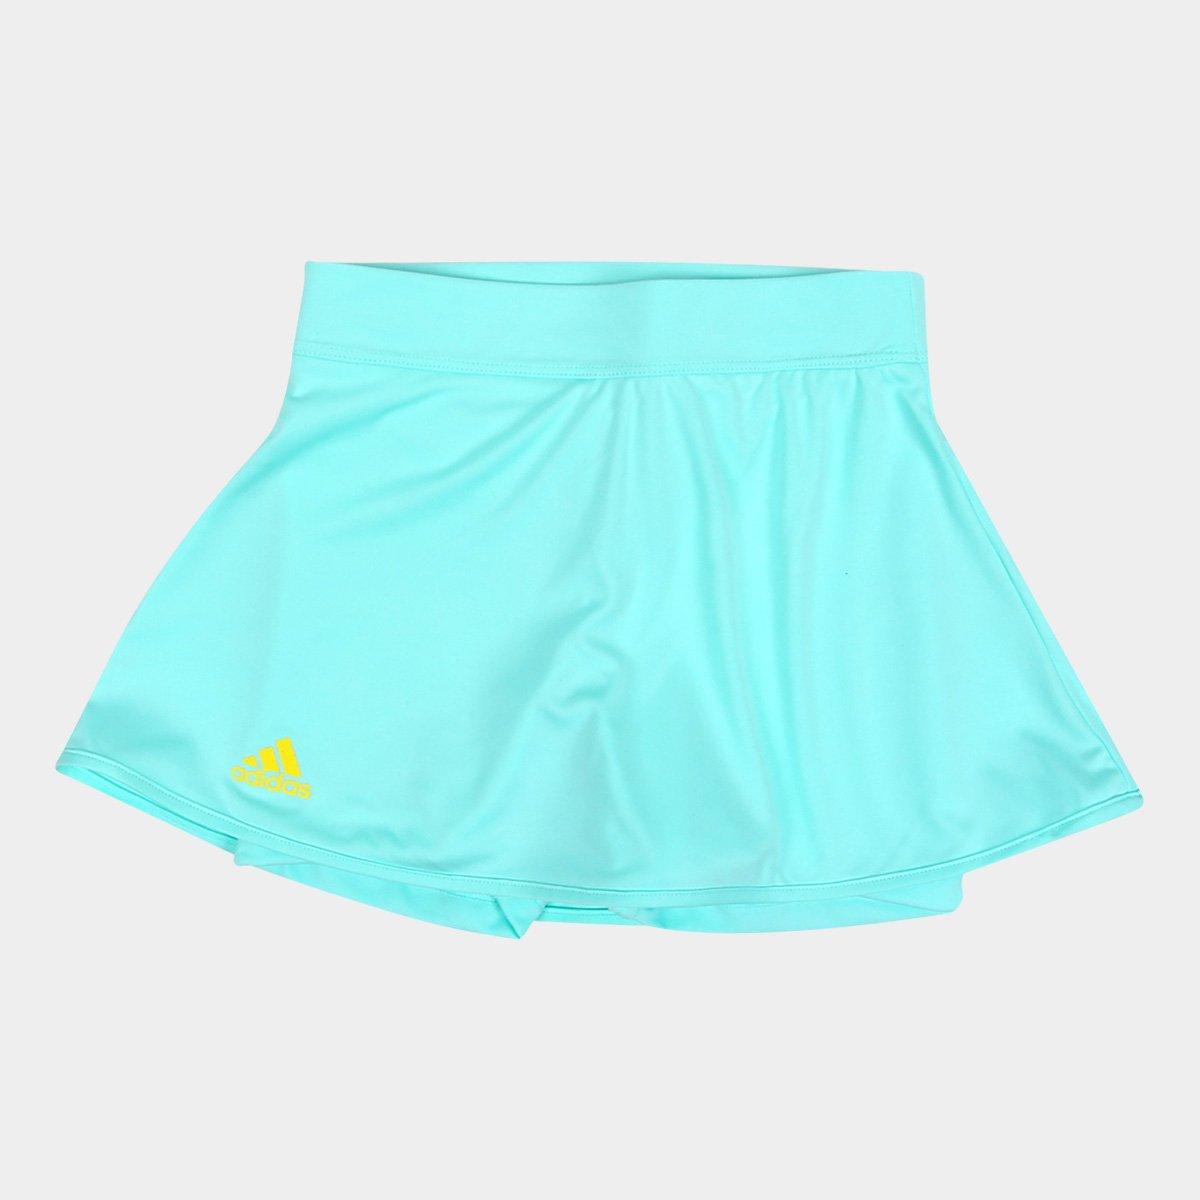 05a2032e83 ... Masculina 50e8a04d7708b2  Saia Adidas G Club Proteção UV Infantil  Feminina - Compre Agora ... fc512d6311e298  Camiseta ...